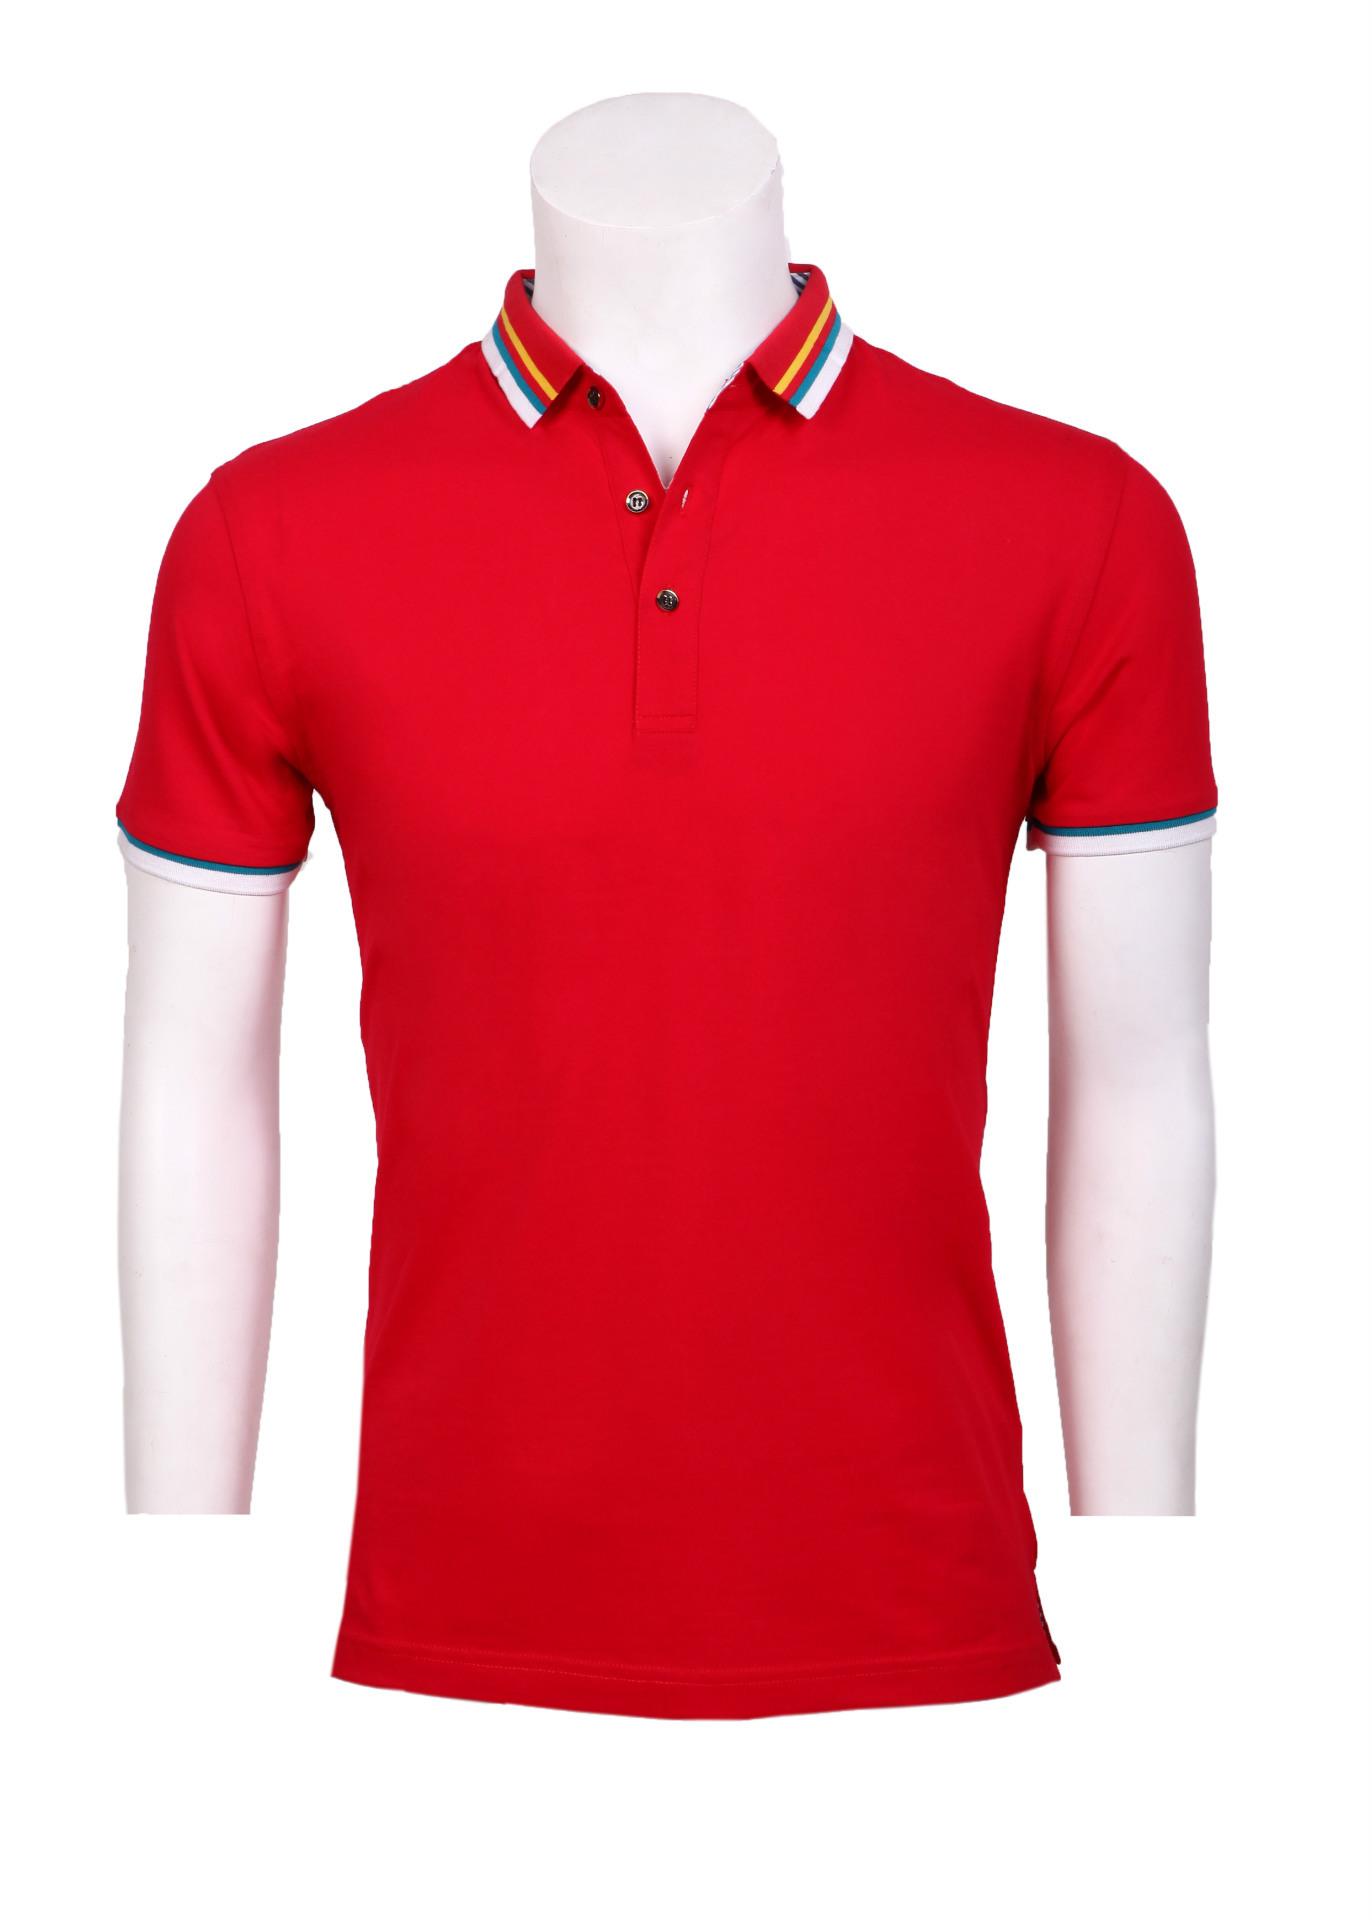 定做POLO衫有哪些面料可以选择?纯棉面料有哪些优点?